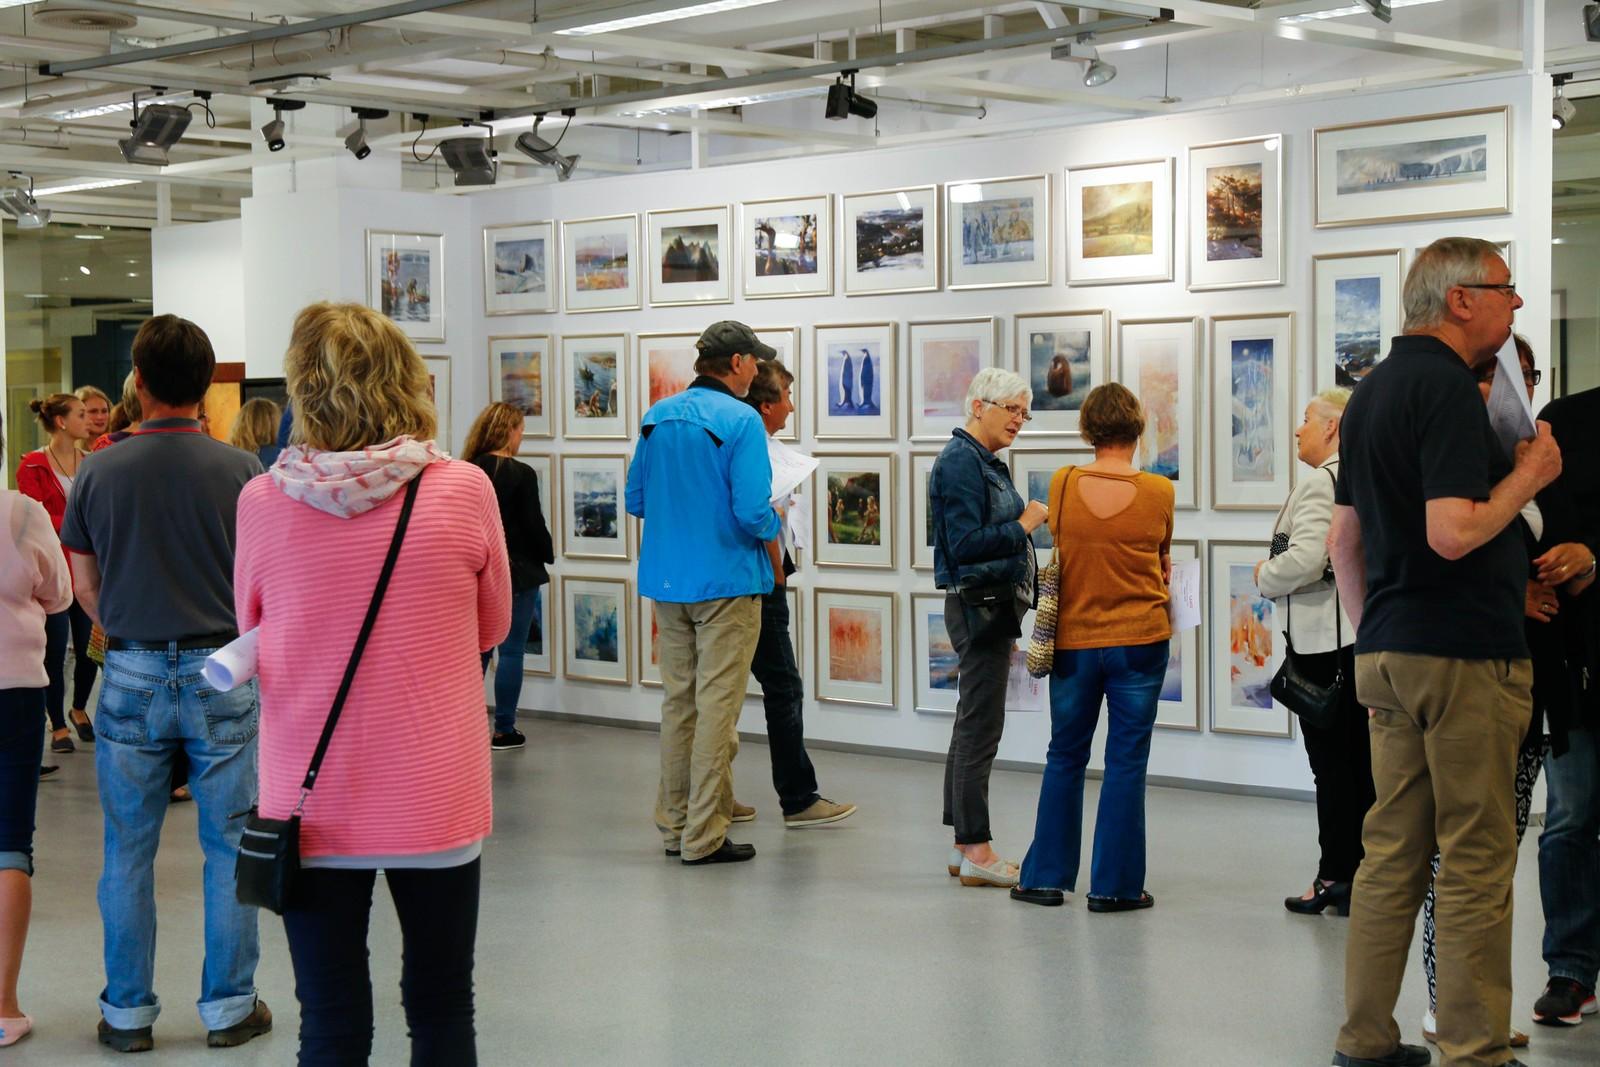 Både gamle og nyare verk av Vebjørn Sand er å sjå i utstillingslokala.